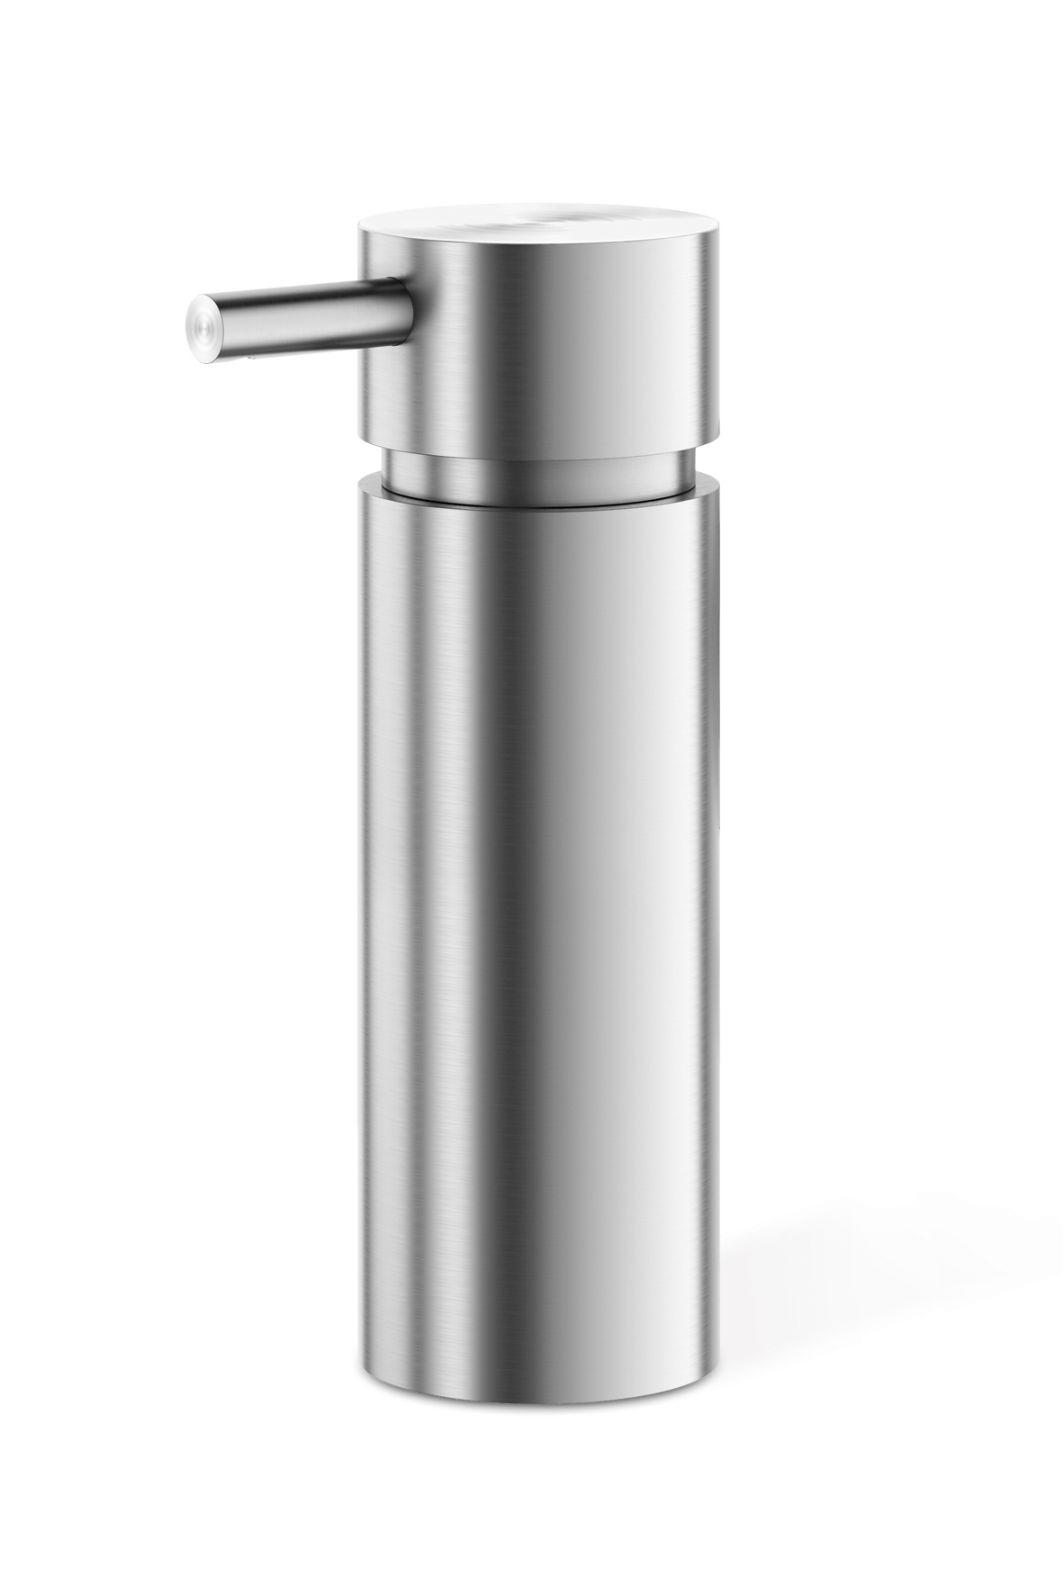 Dávkovač na mýdlo MANOLA 175 ml, volně stojící - ZACK